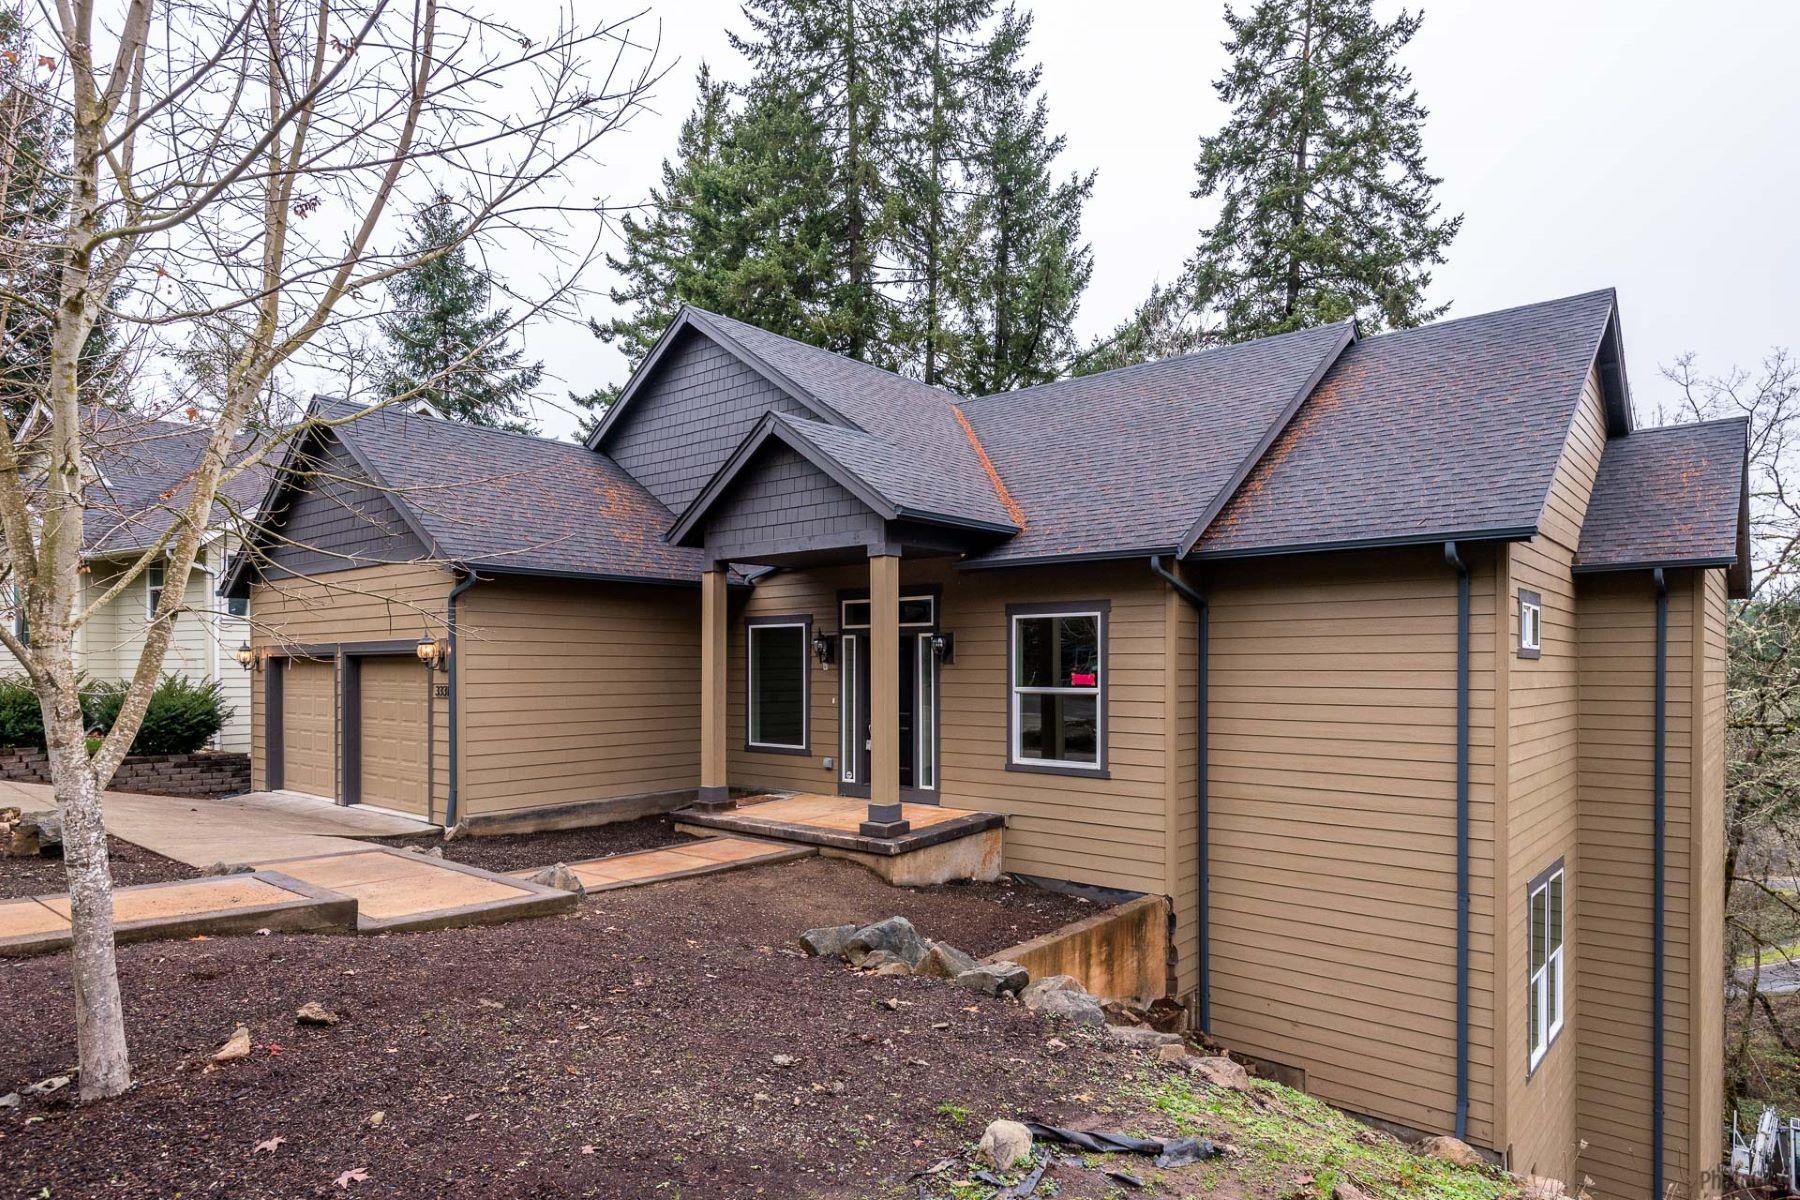 Other Residential Homes για την Πώληση στο 3331 VIDERA DR Eugene, OR 97405 Eugene, Ορεγκον 97405 Ηνωμένες Πολιτείες